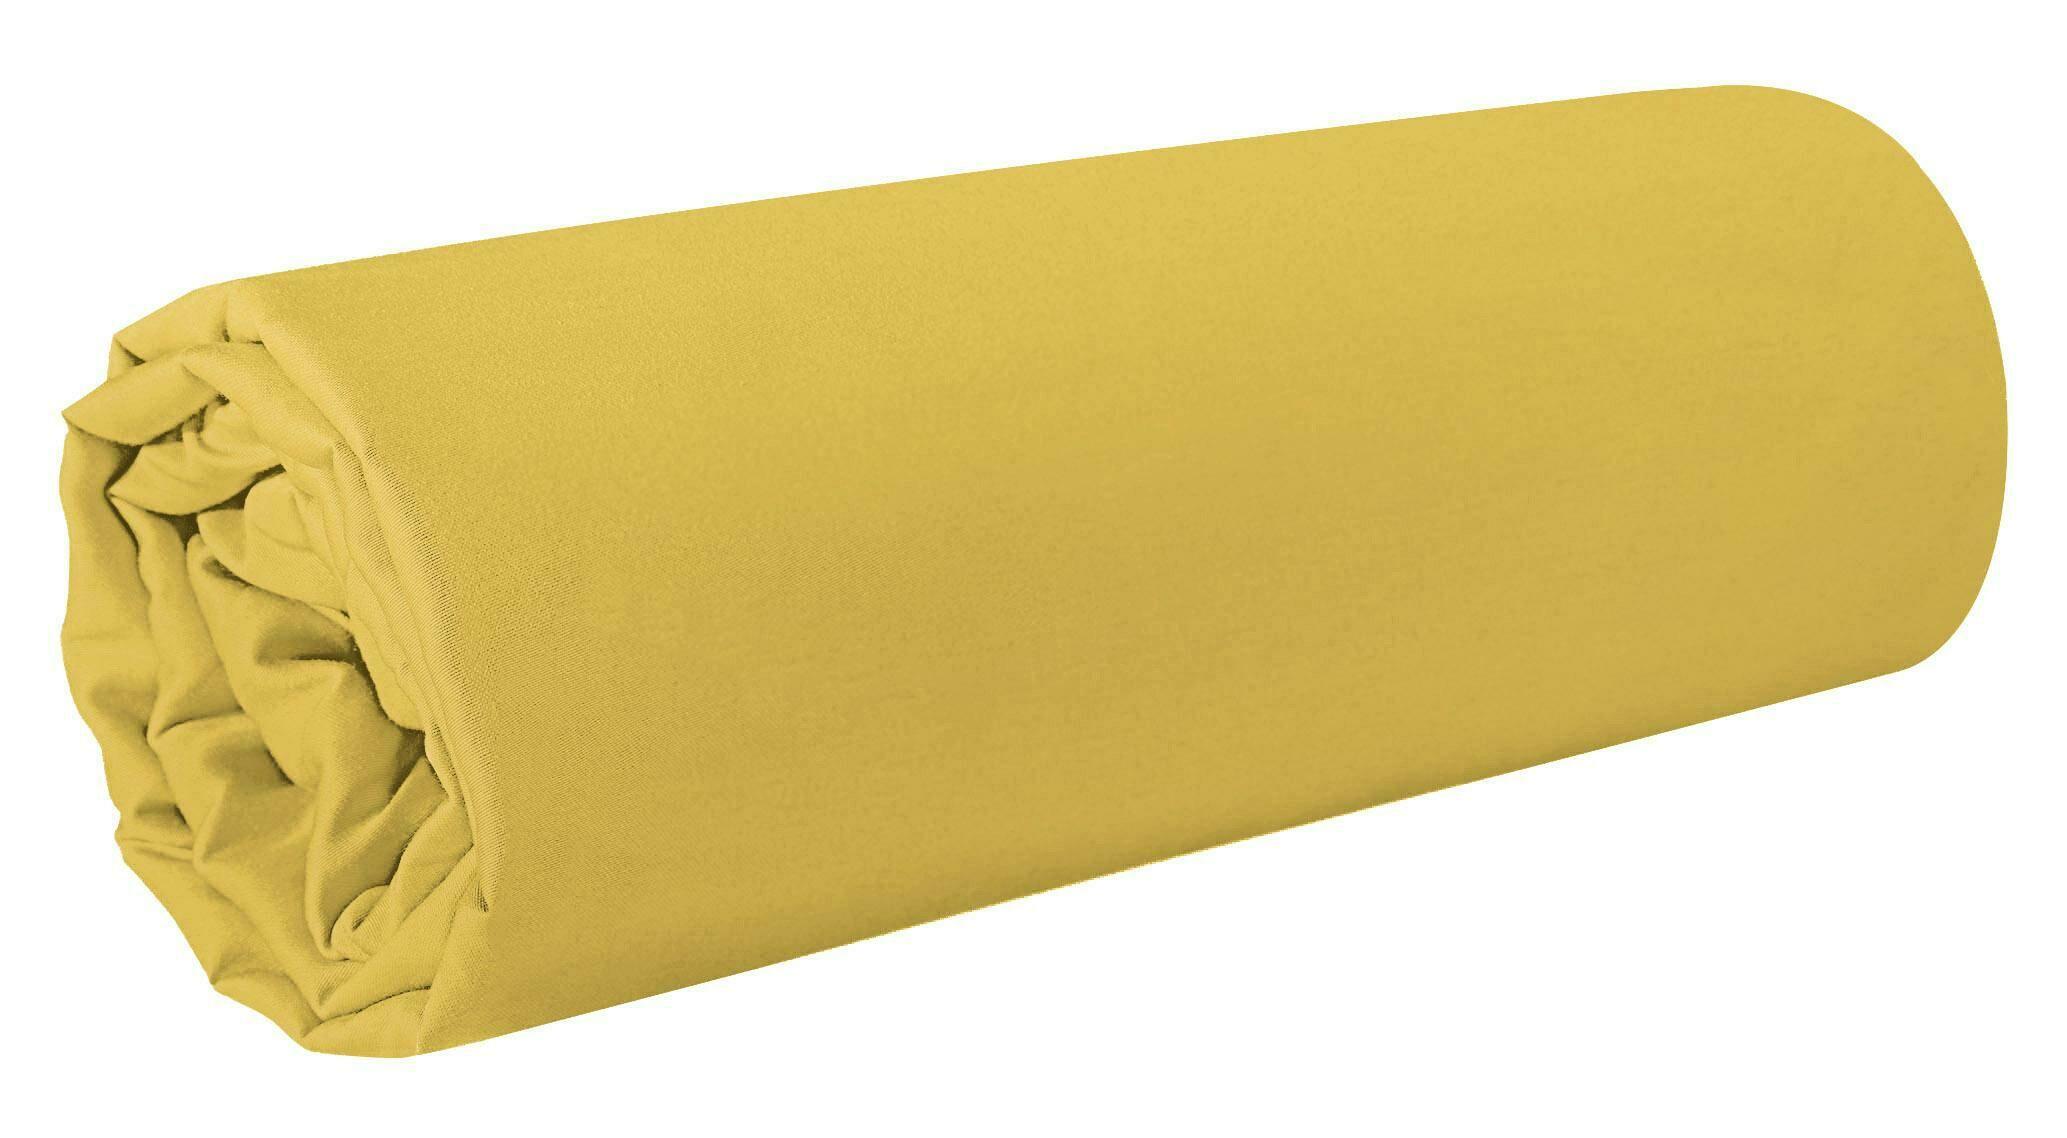 Prześcieradło satynowe 180x210 Nova 1 musztardowe jednobarwne bez gumki Eurofirany